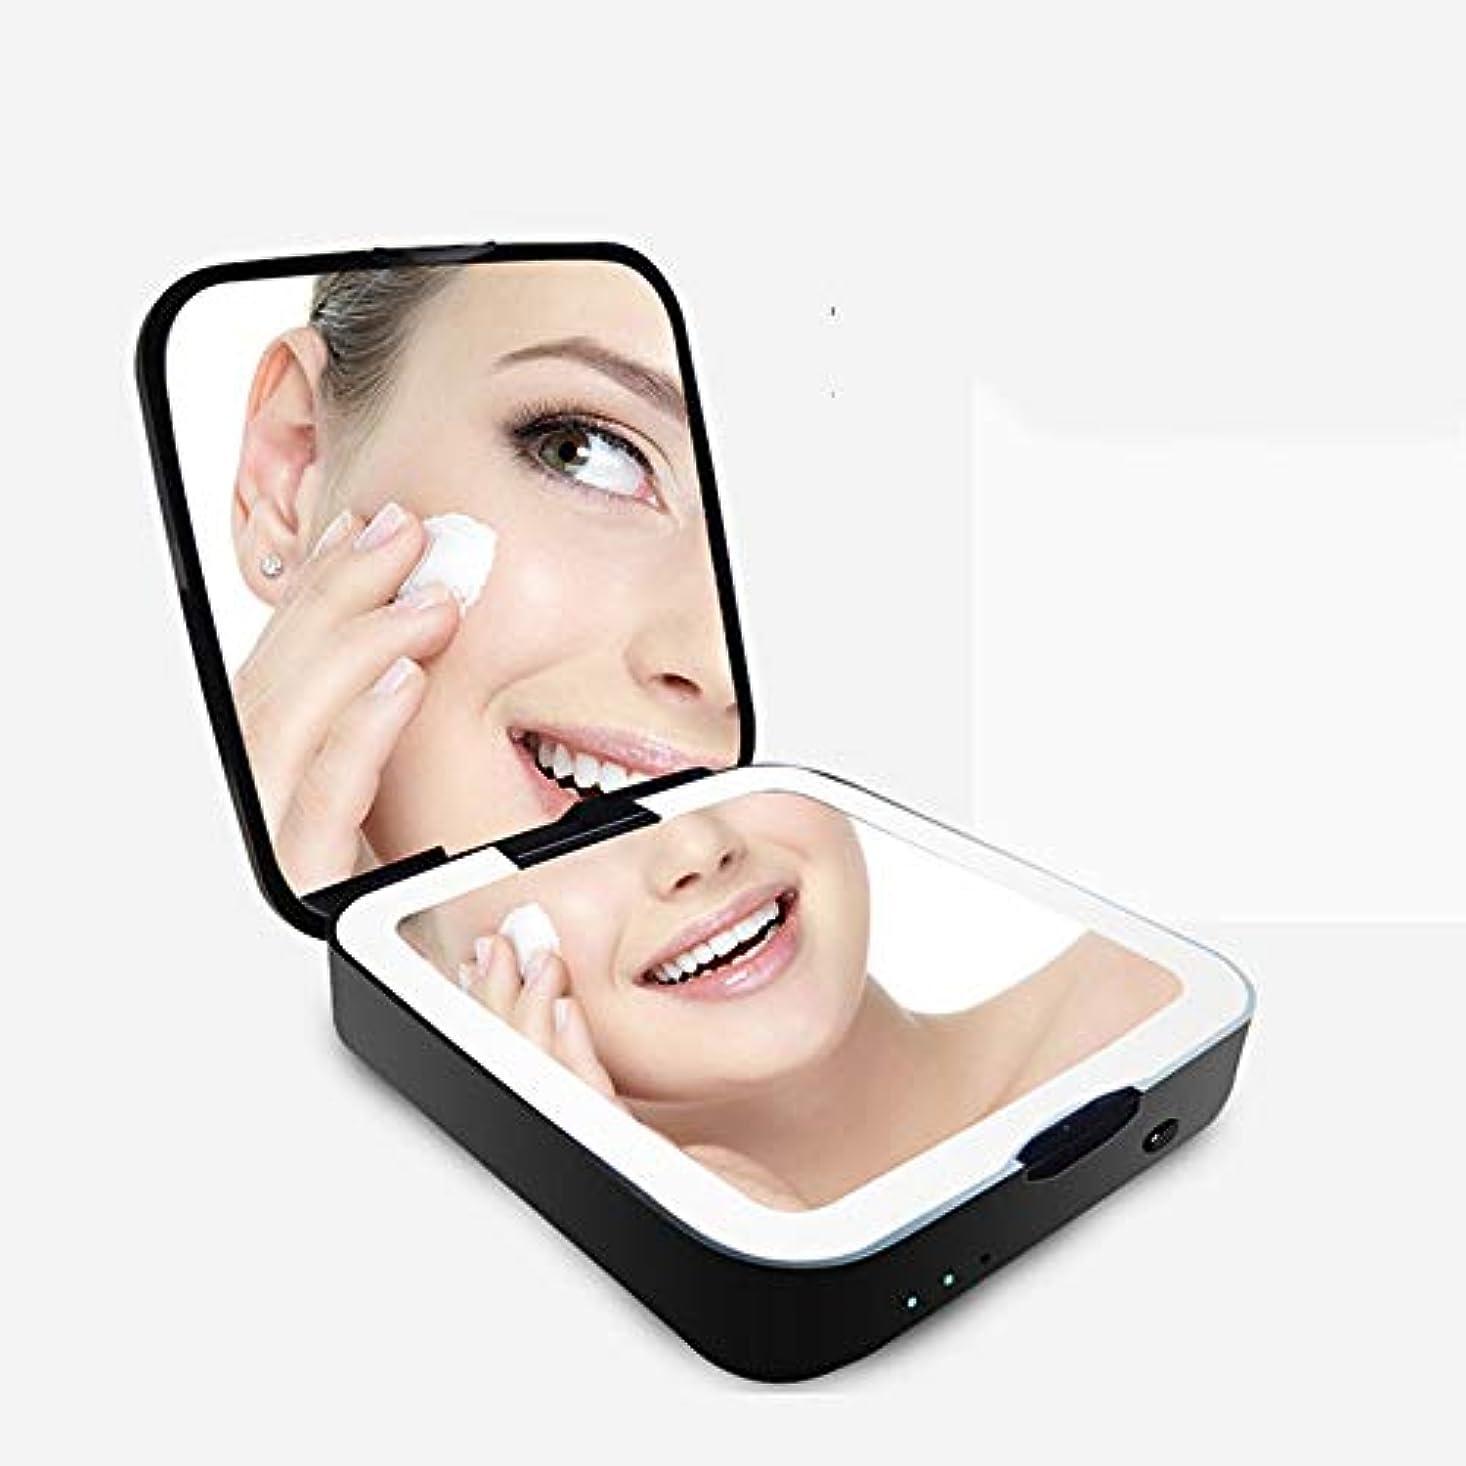 レイアウトキャッチ発掘する流行の 新しい両面折りたたみLEDライトポータブルポータブルミラー充電宝化粧鏡ABS黒美容ミラー虫眼鏡ナイトライト